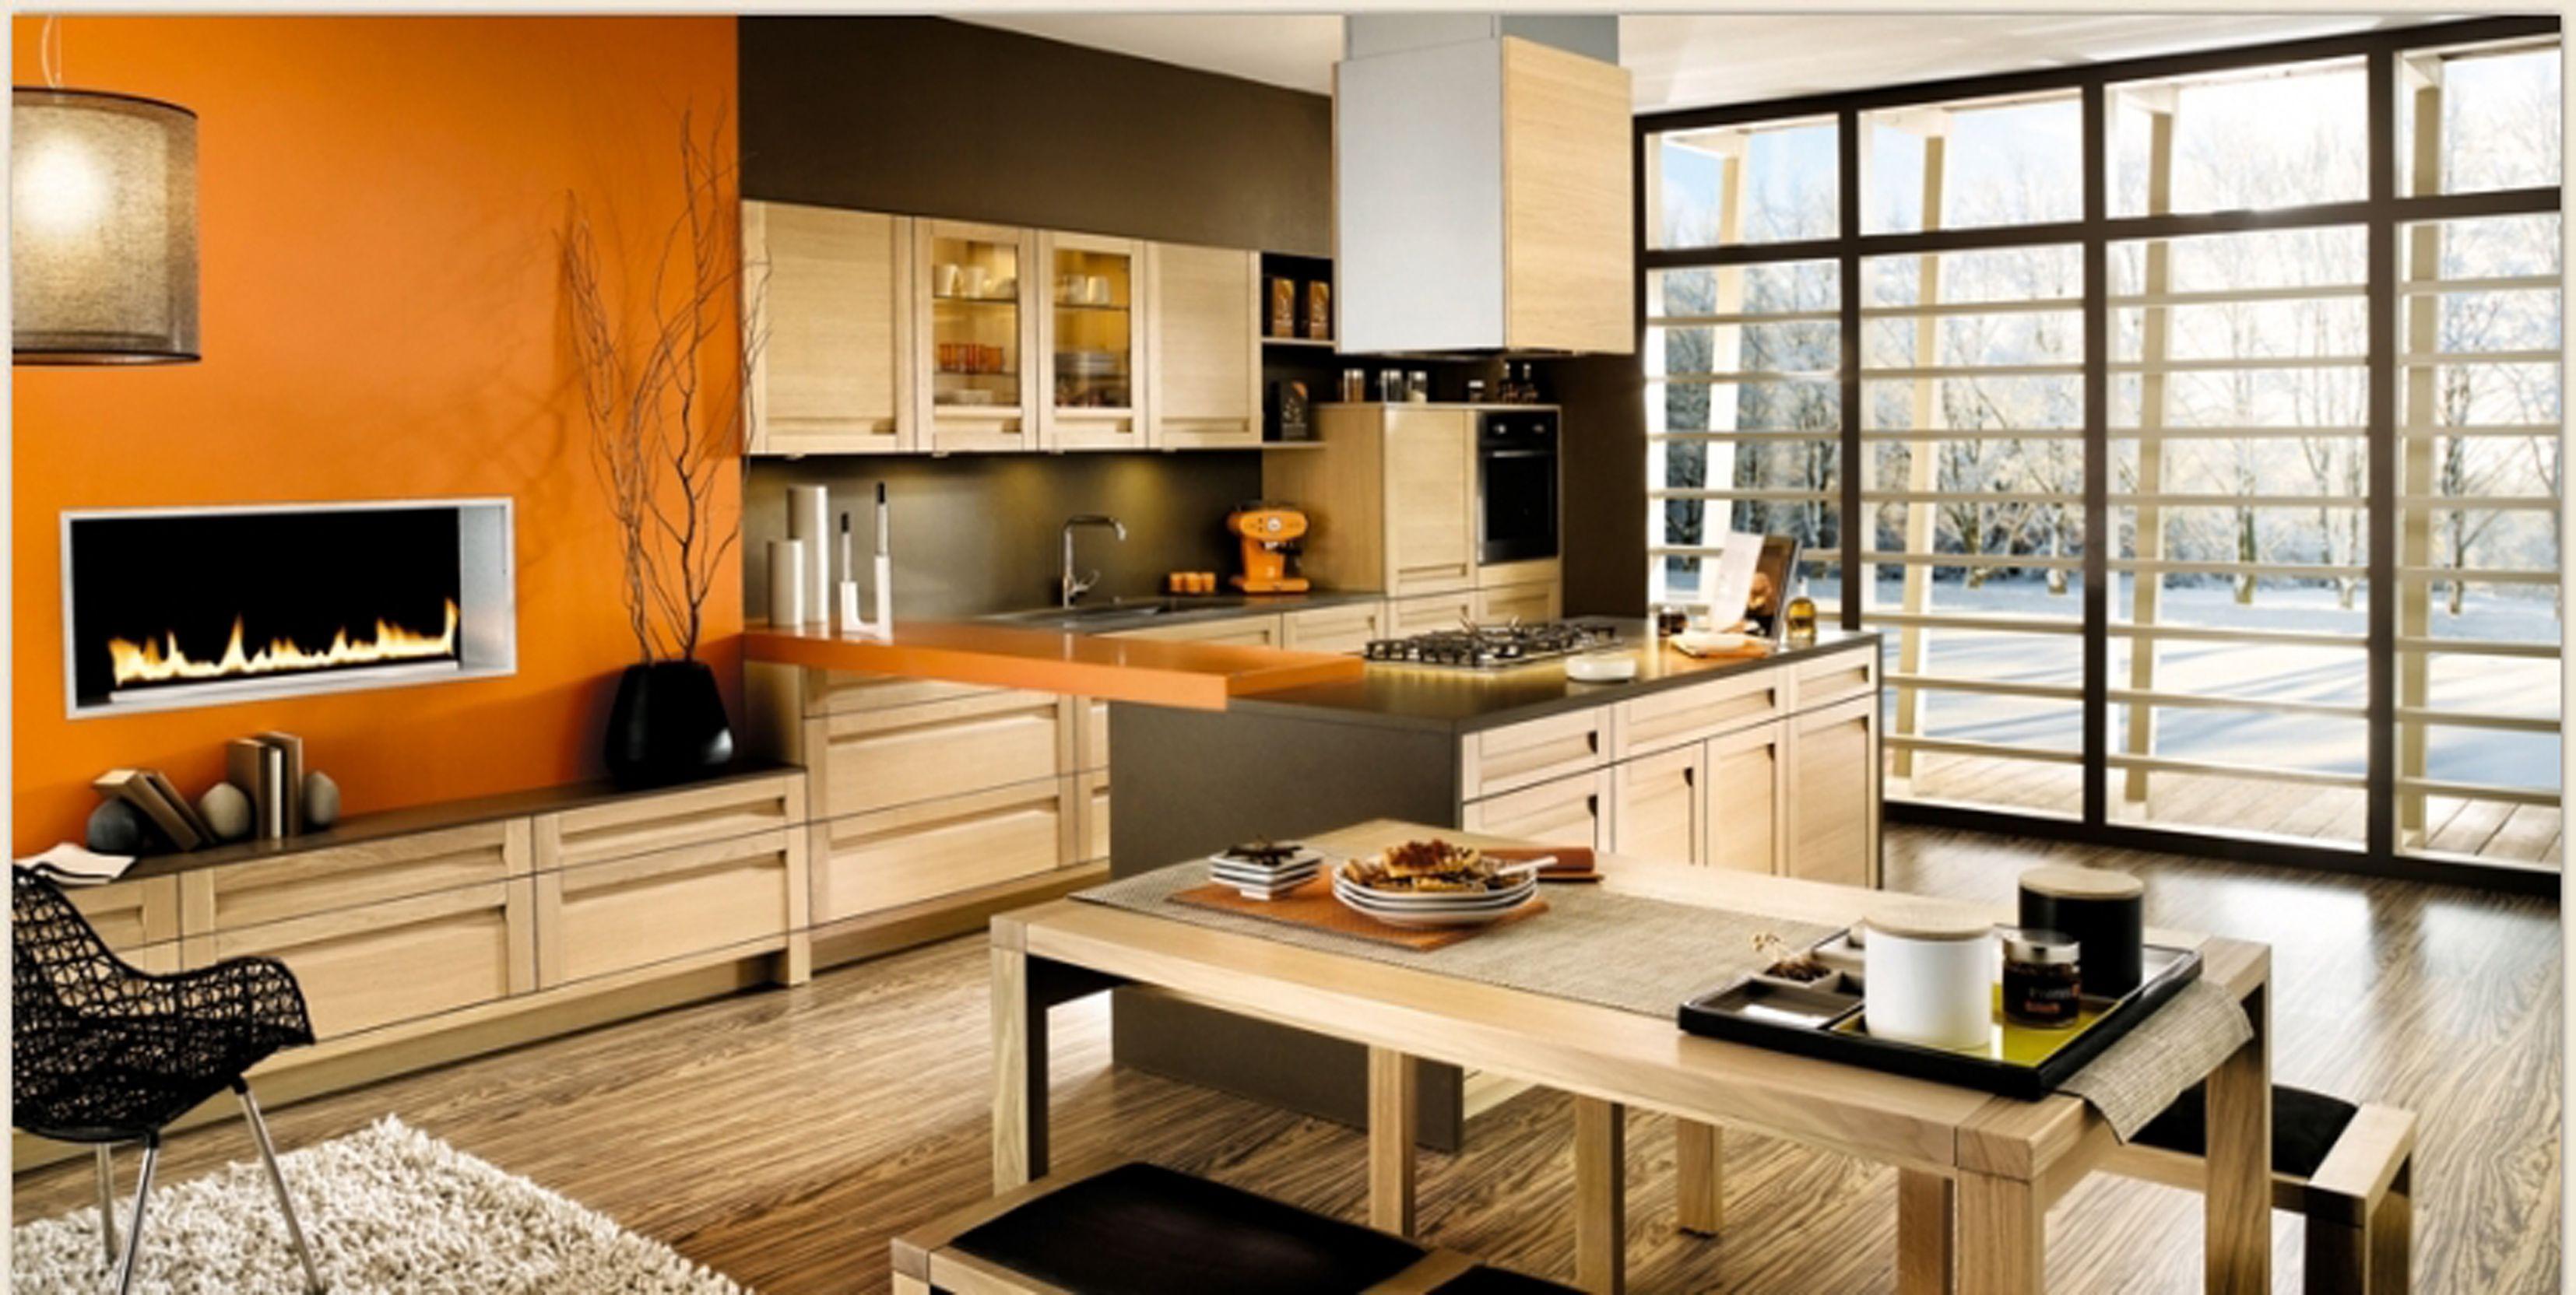 Designer Kitchen Backsplash Ideas Galley Kitchens Designs Ideas Beauteous Kitchen Designs On A Budget Inspiration Design